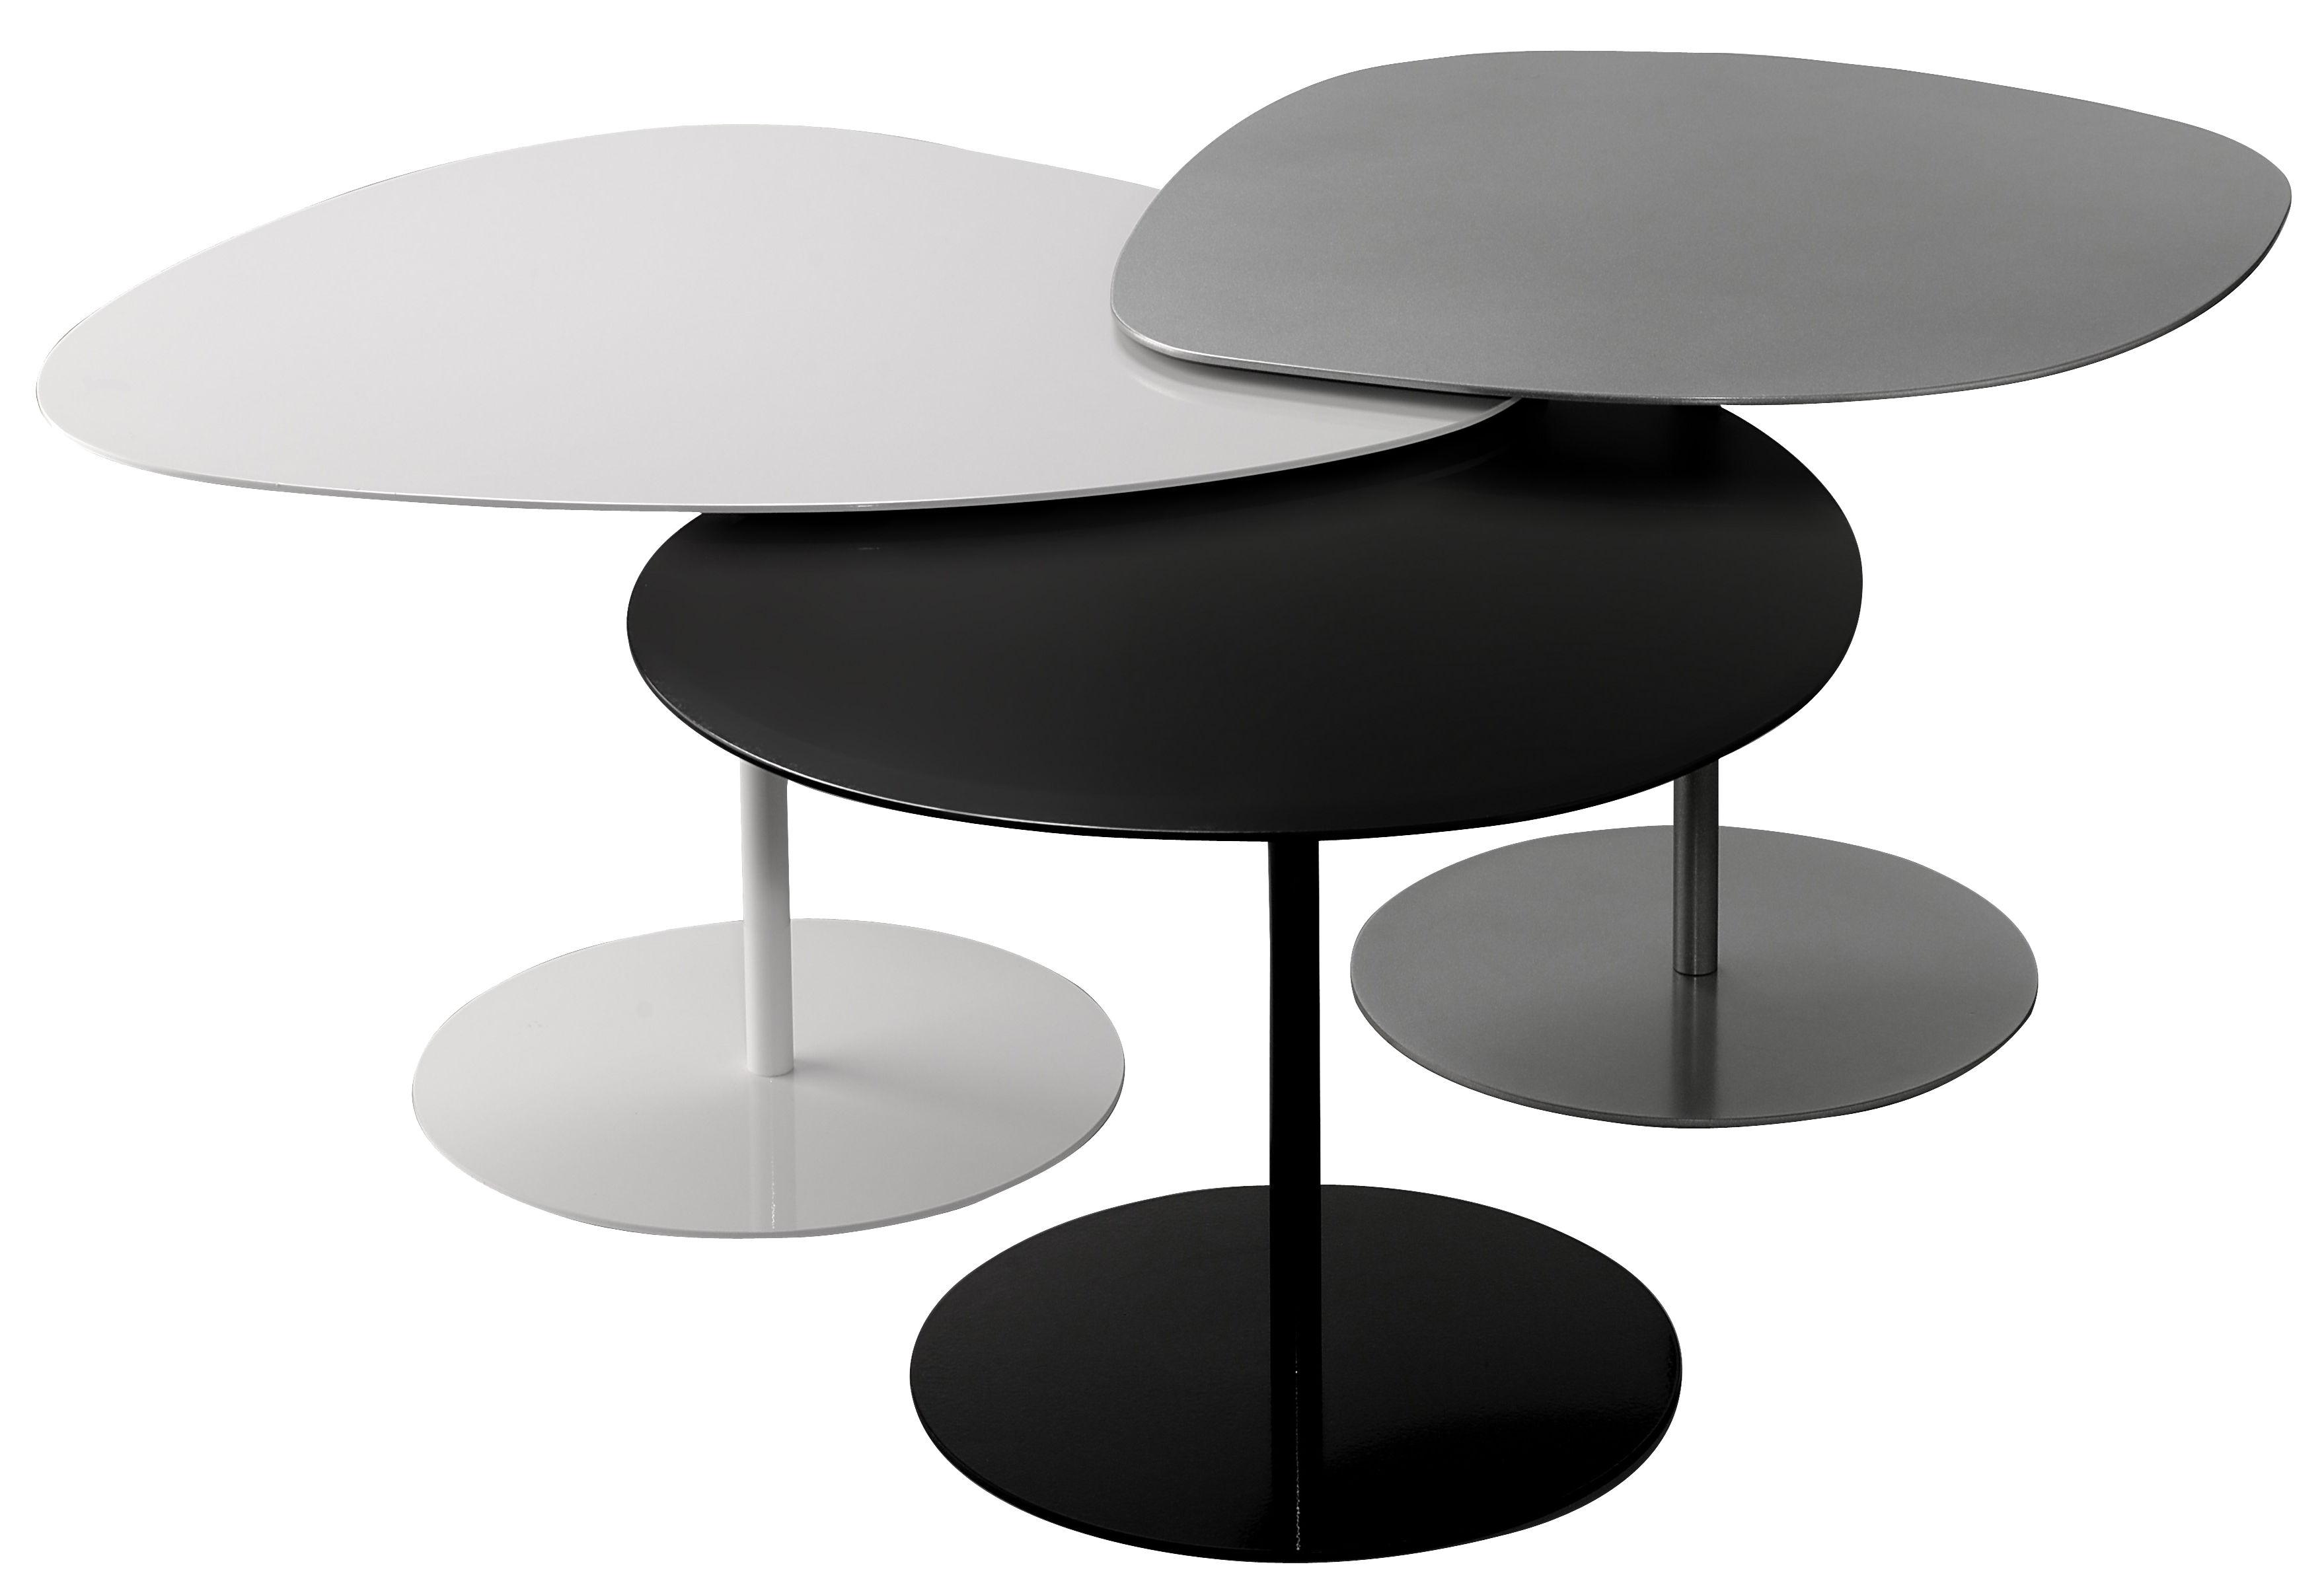 Mobilier - Tables basses - Tables gigognes Galet INDOOR / Set de 3 - Matière Grise - Noir, Blanc, Gris - Acier